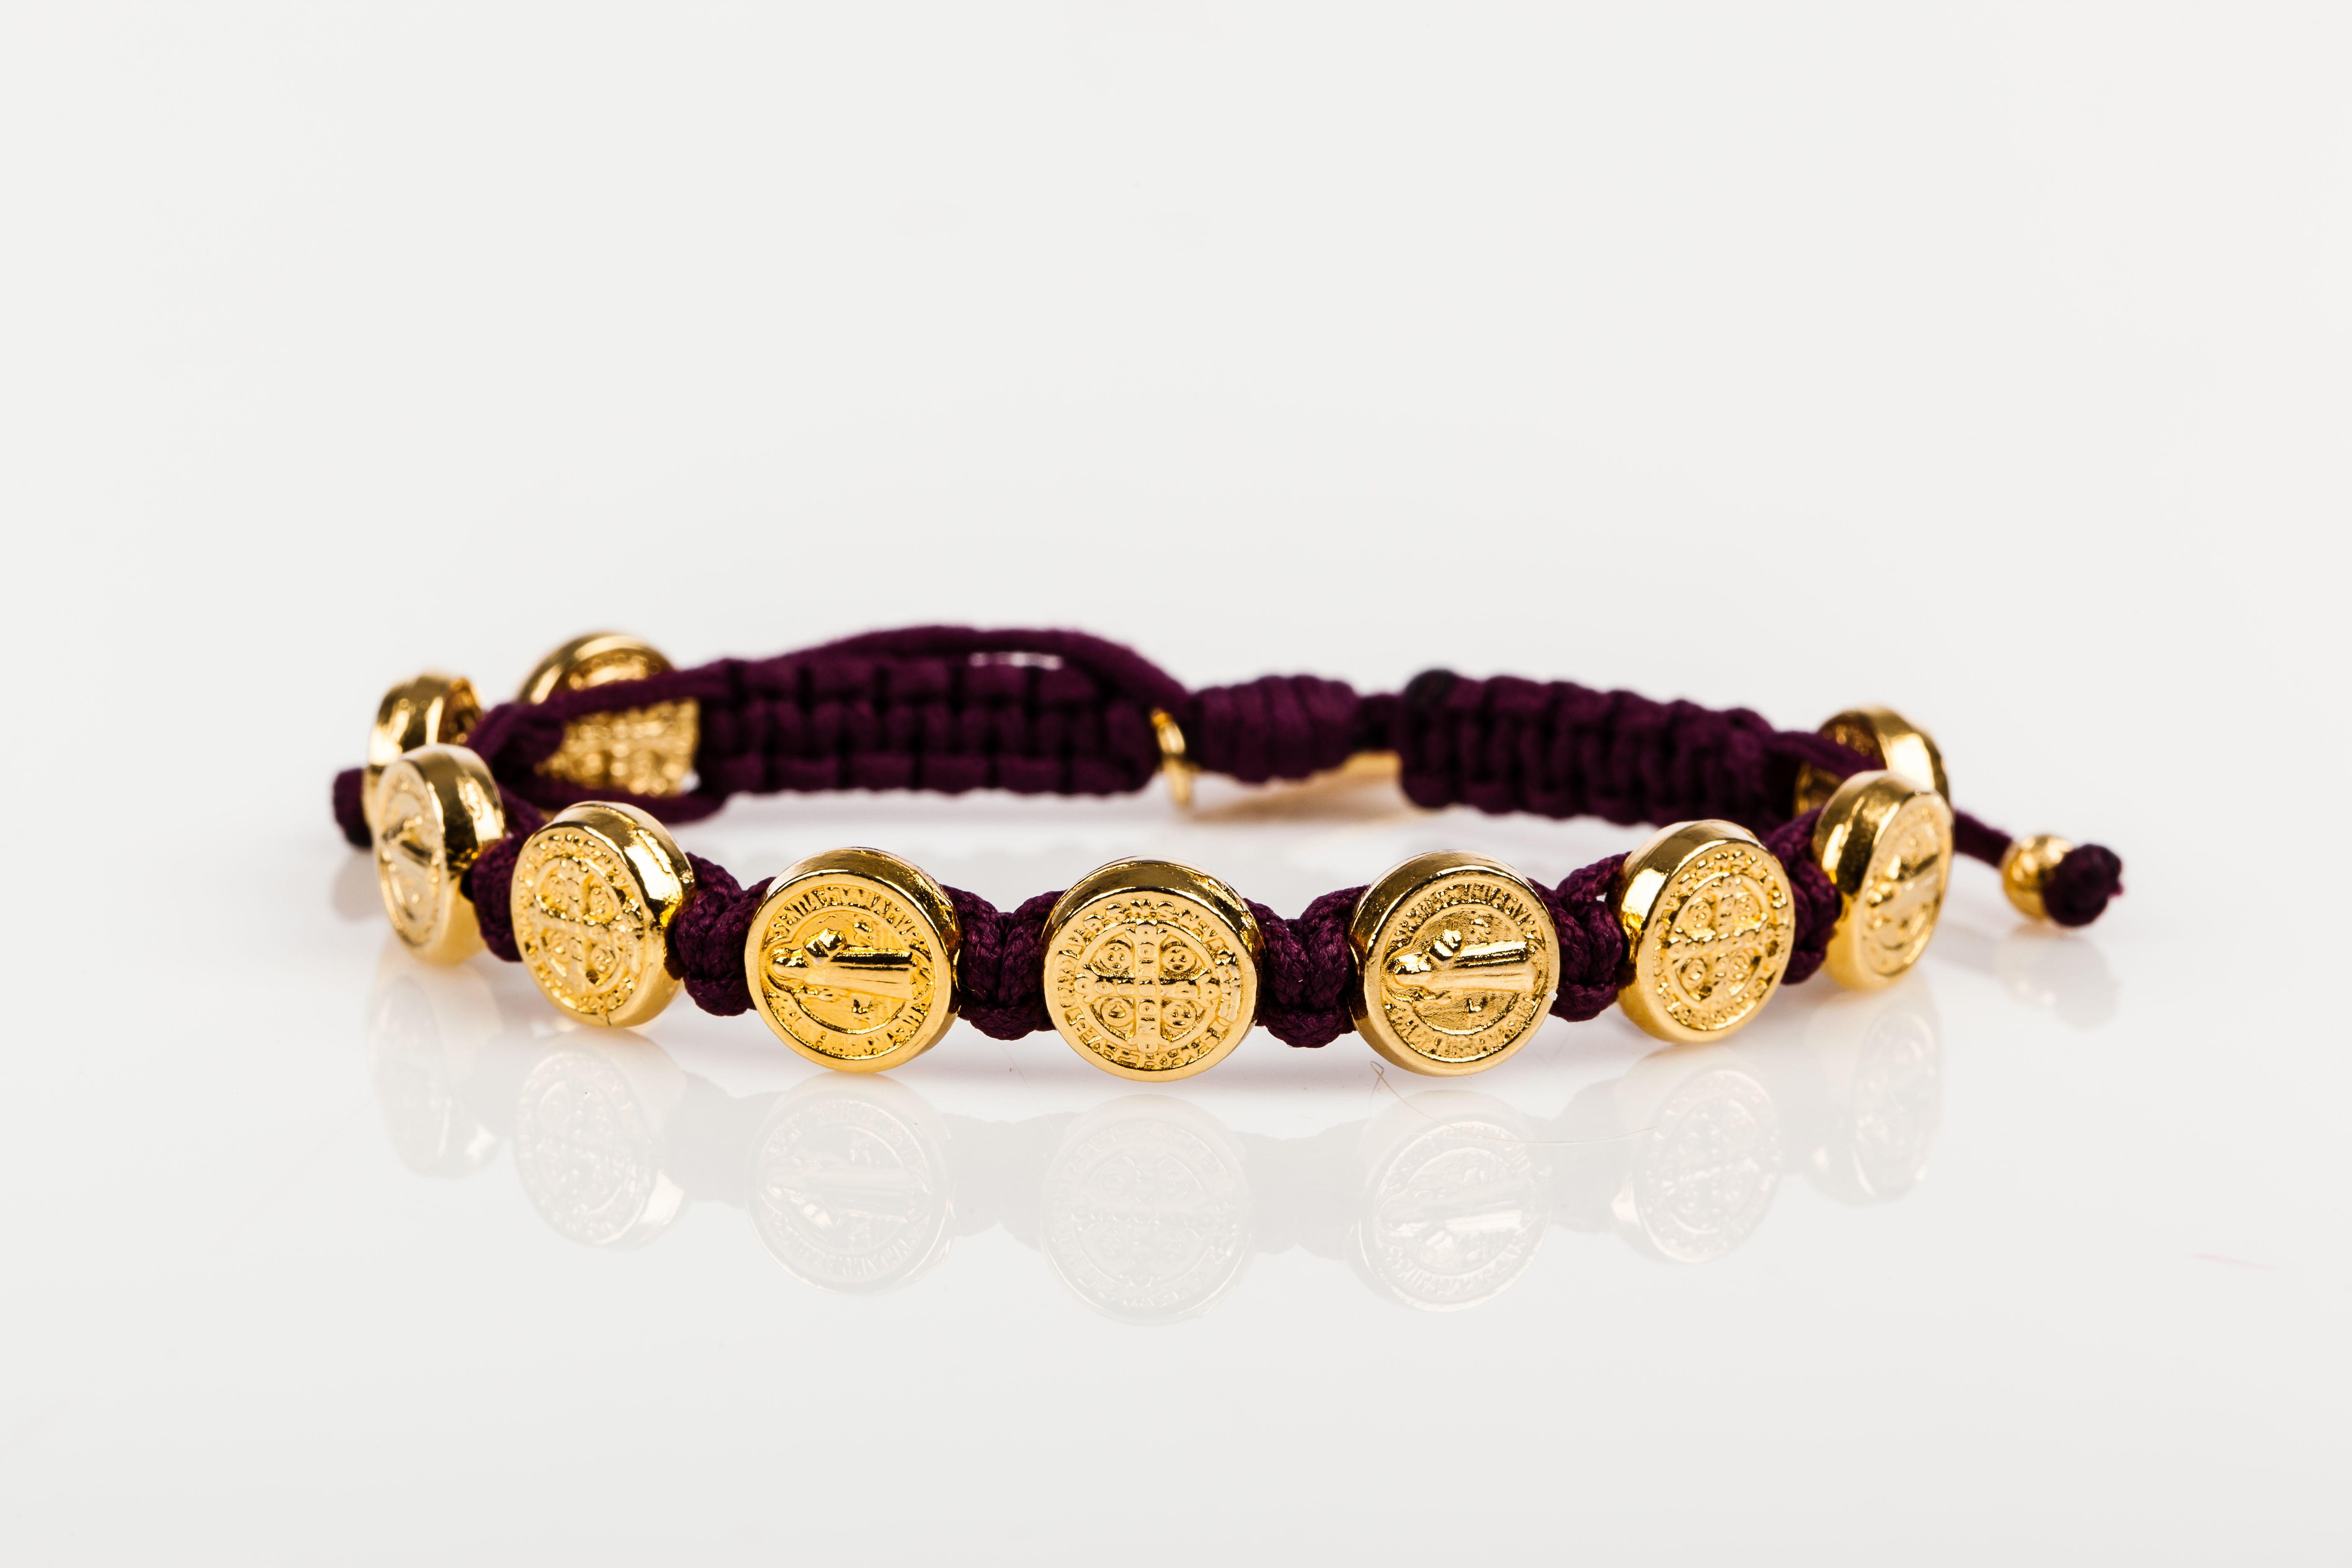 Benedictine blessing bracelet u gold medals bracelets bracelets